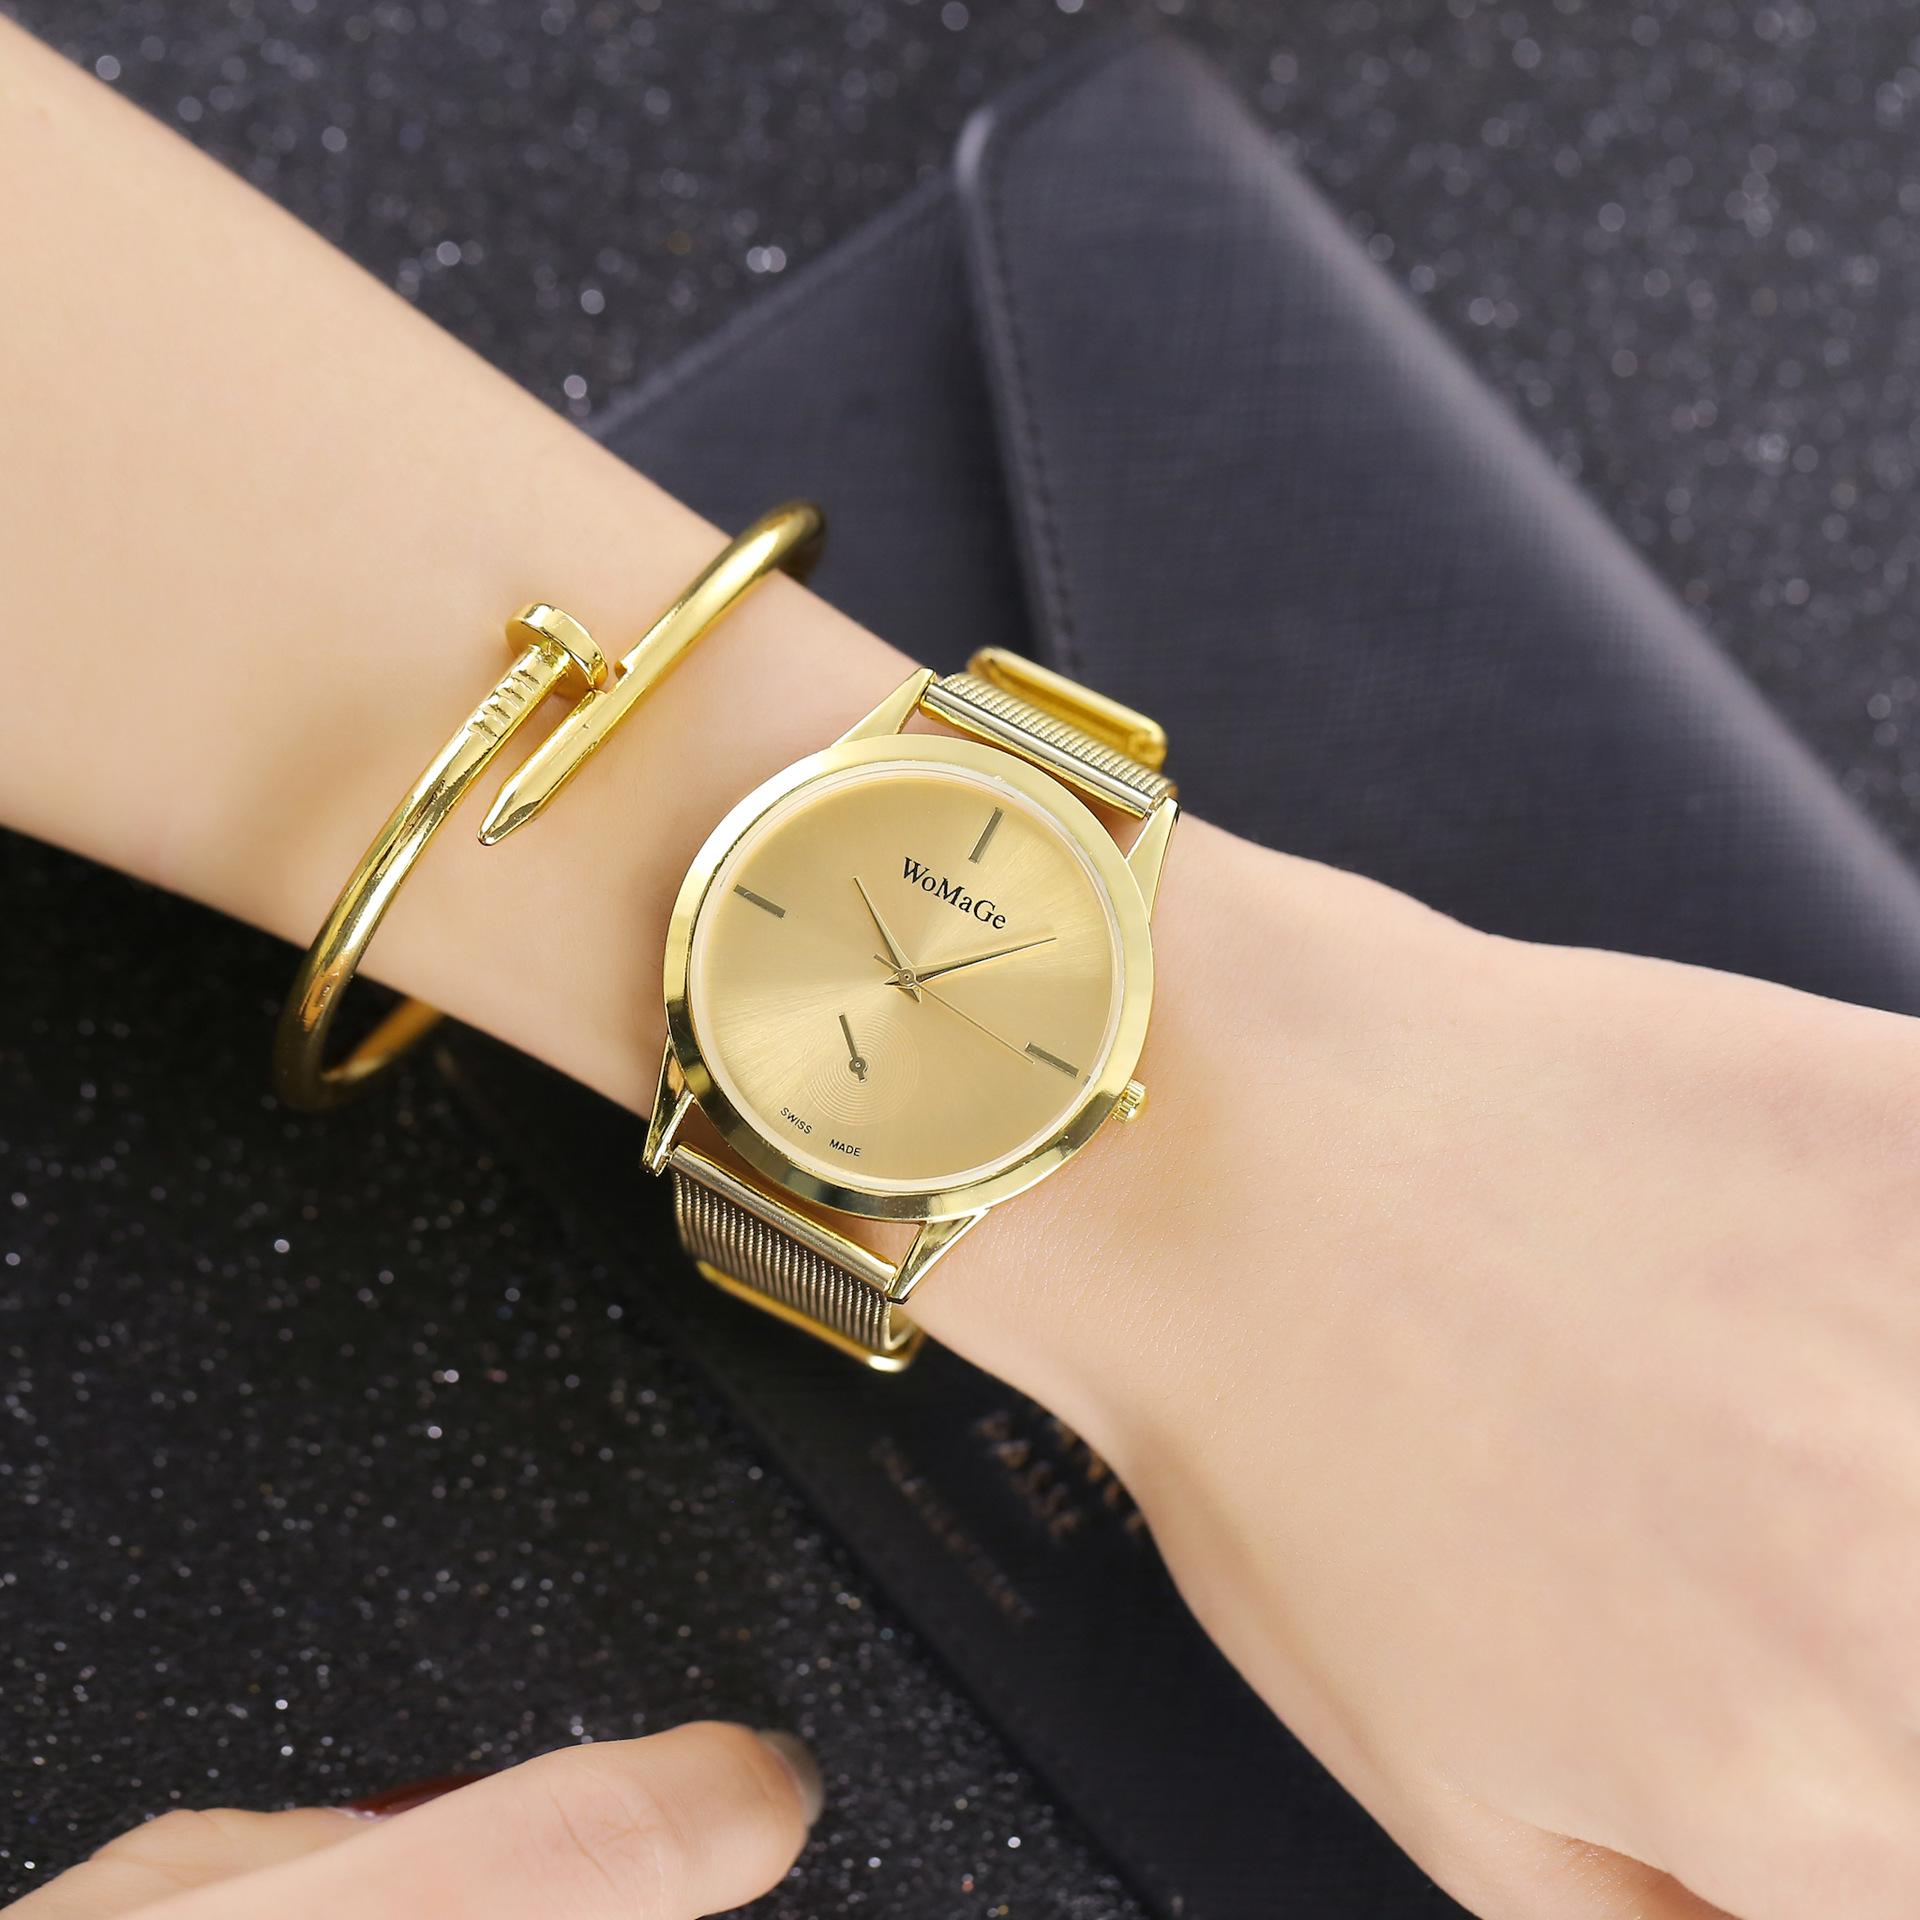 Luxusné dámske hodinky WoMaGe v rôznych farebných prevedeniach ·   Predošlé  ... c4b28770d29